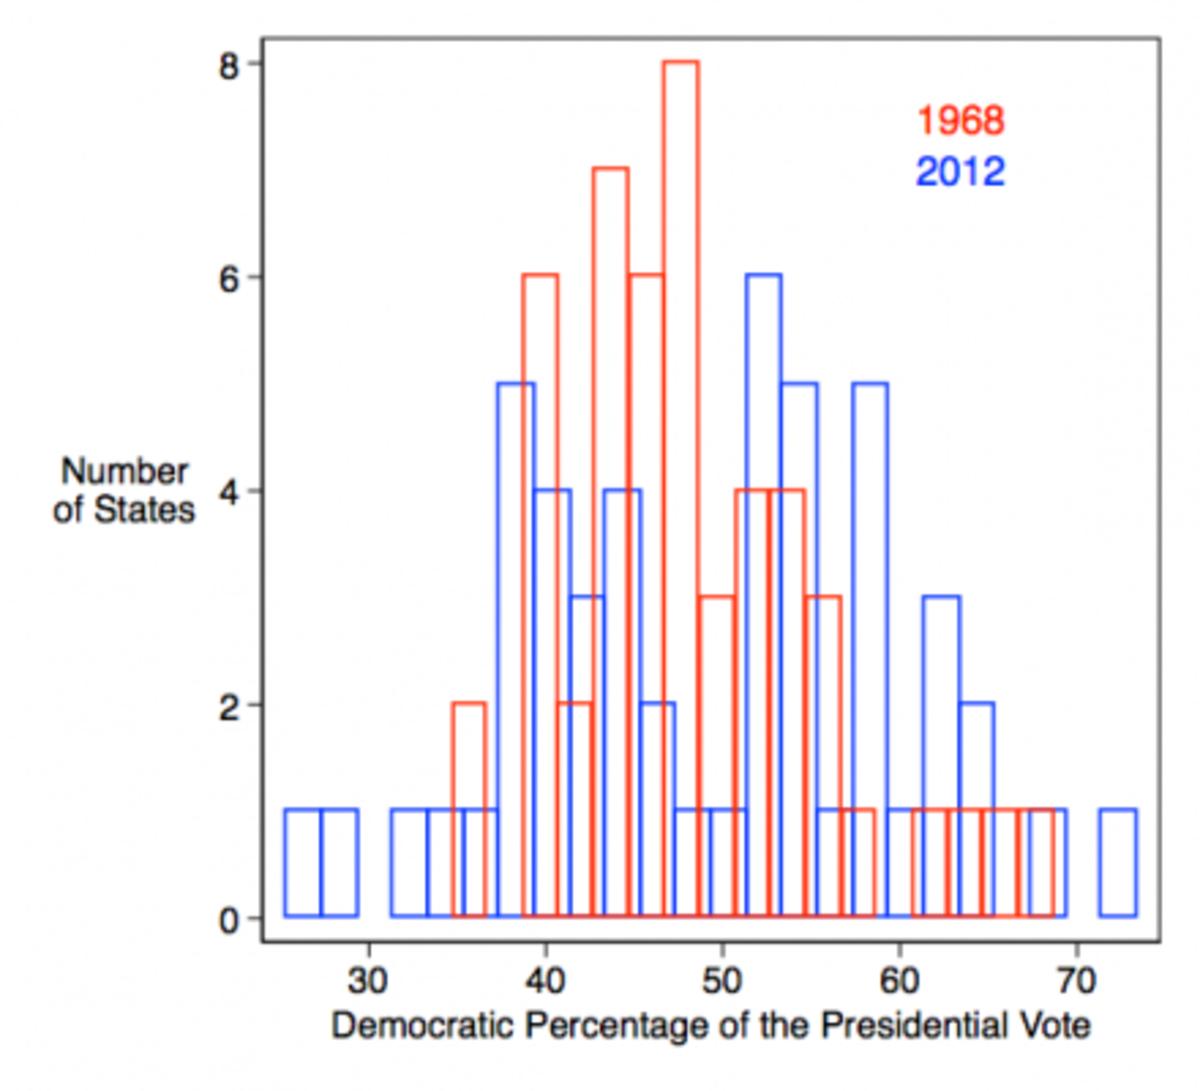 prez-vote-1968-2012-440x400